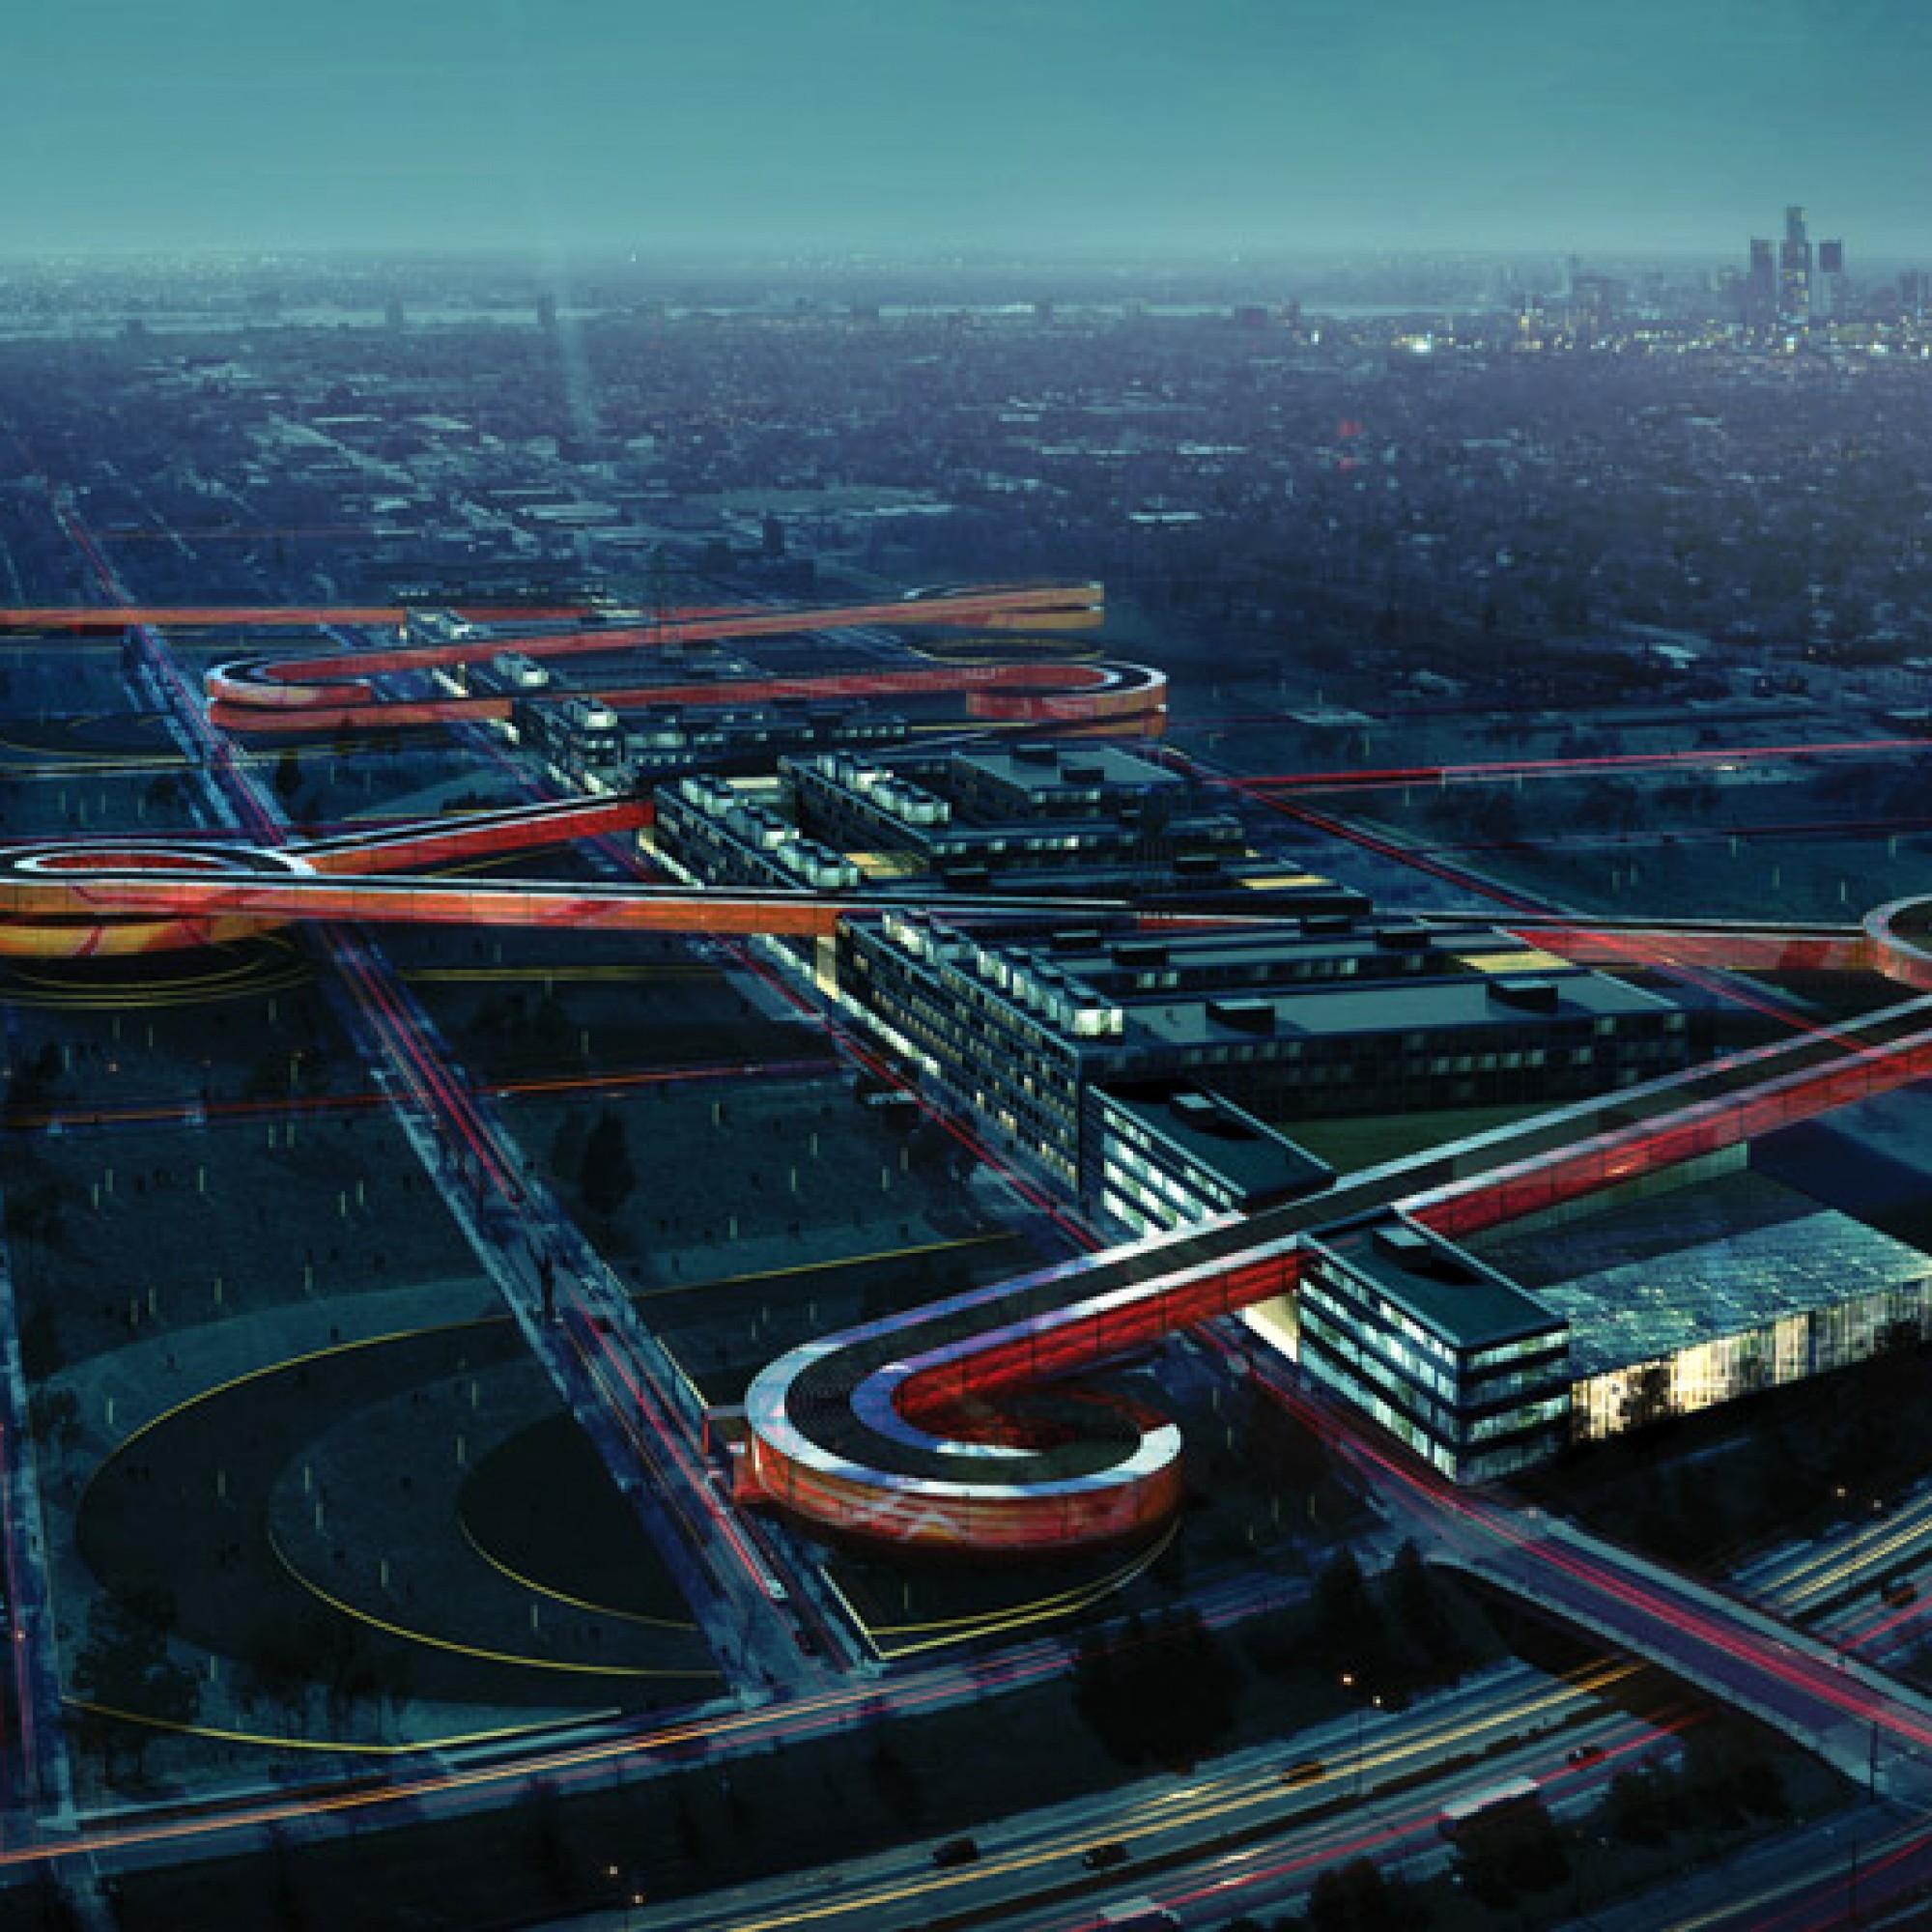 Eine von vielen Möglichkeiten: Eine Fahrt durch Detroits Autombilvergangenheit. (zvg)